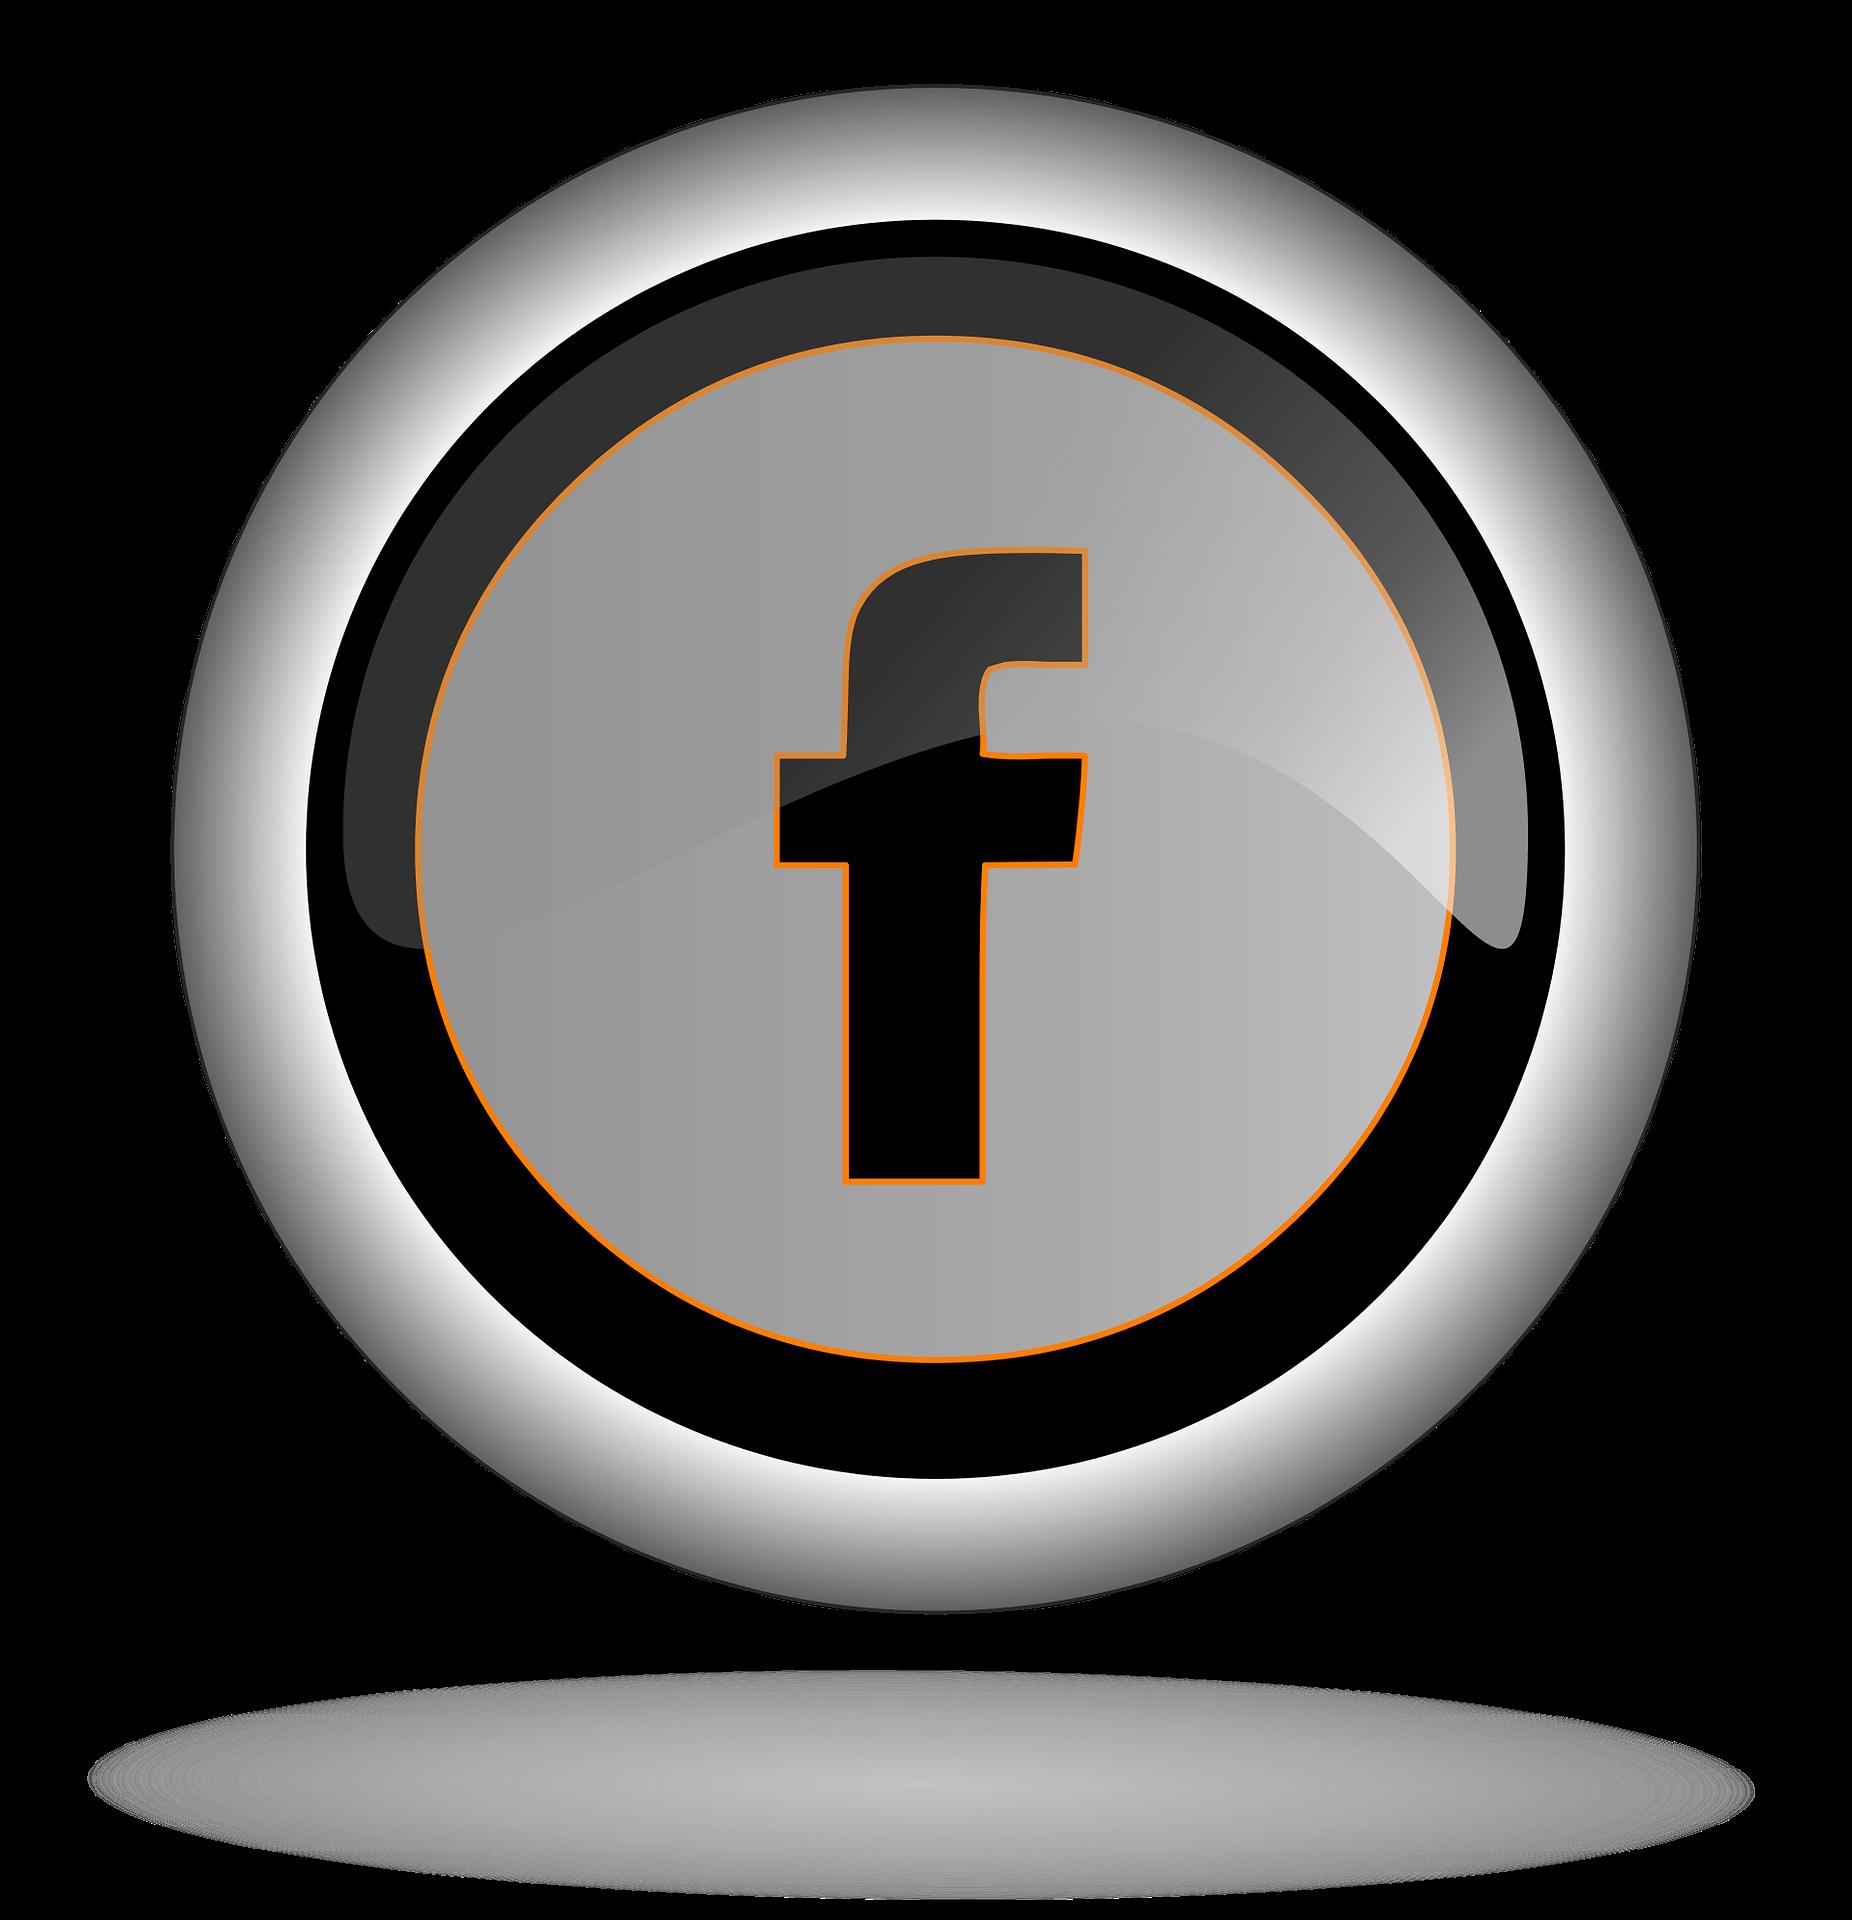 A imprensa francesa dá destaque ao lançamento da nova moeda digital do Facebook previsto na terça-feira (18).